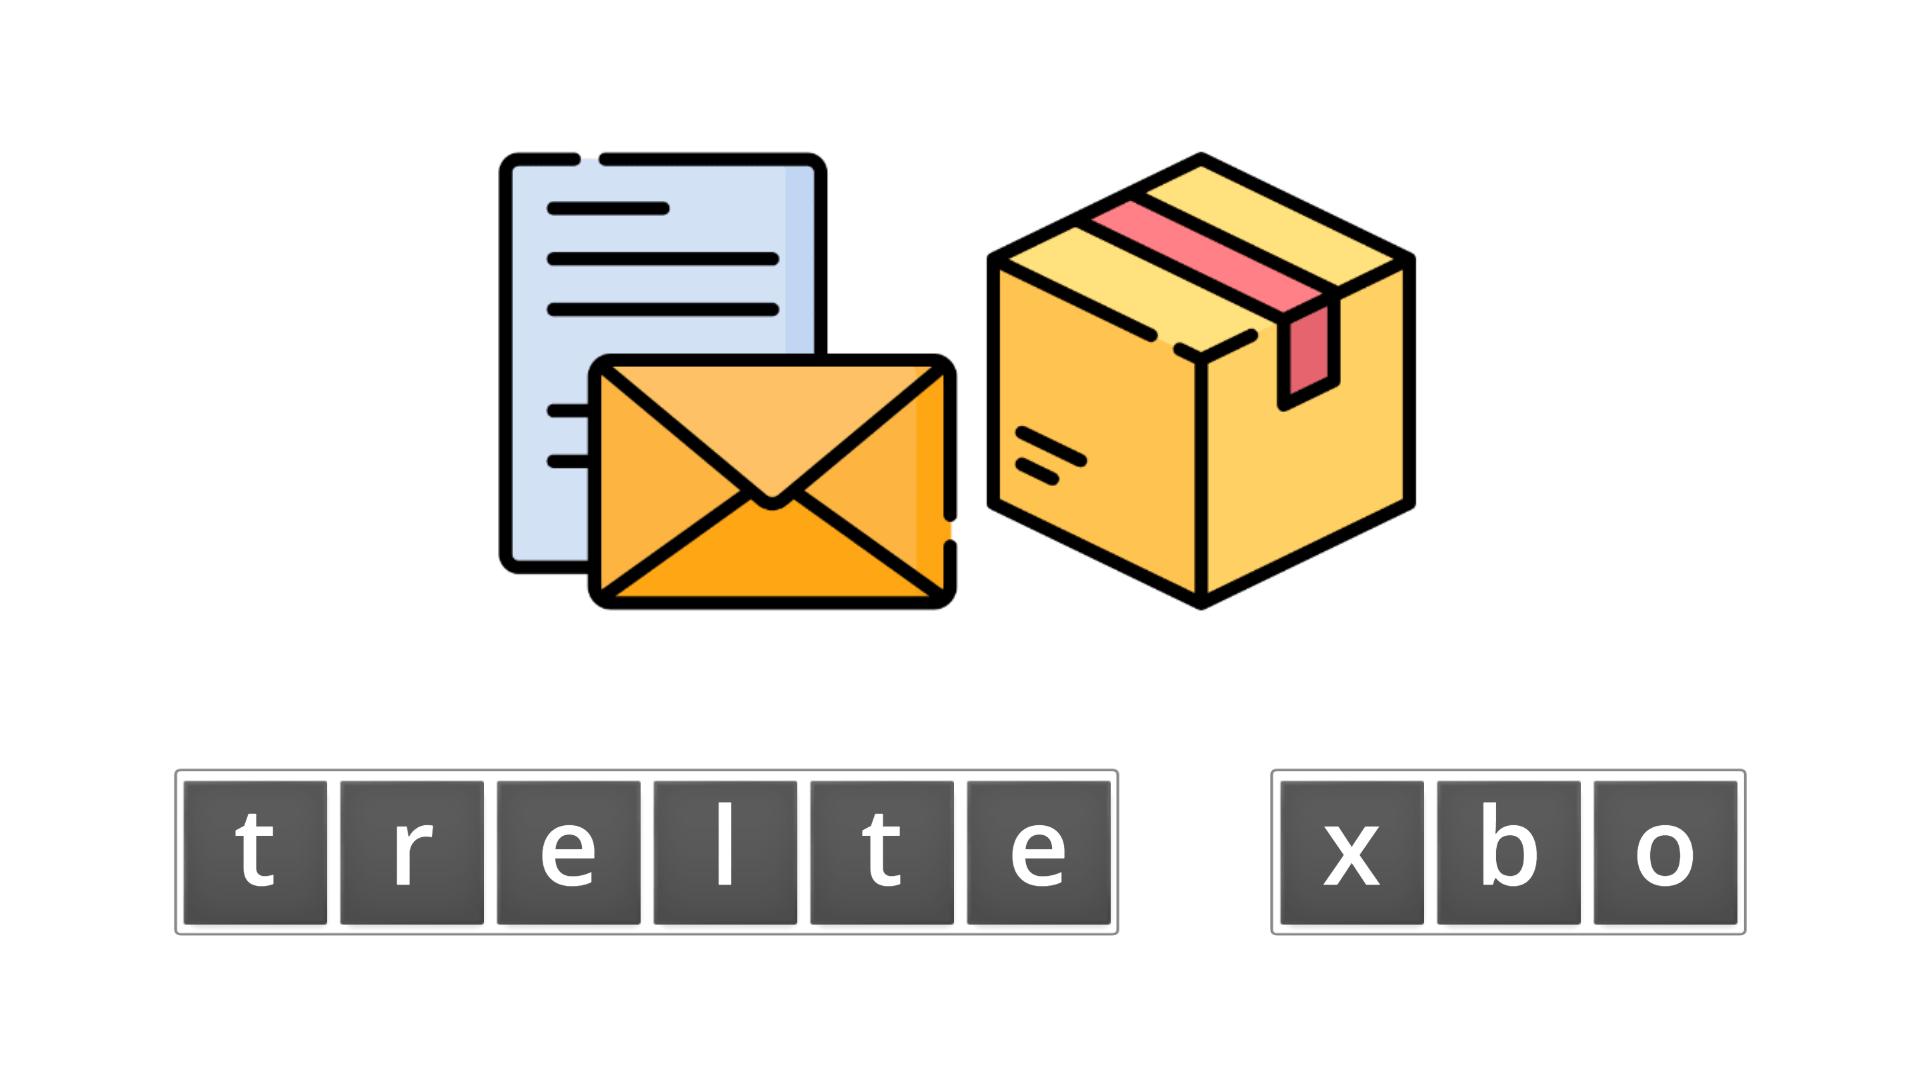 esl resources - flashcards - compound nouns  - unscramble - letter box